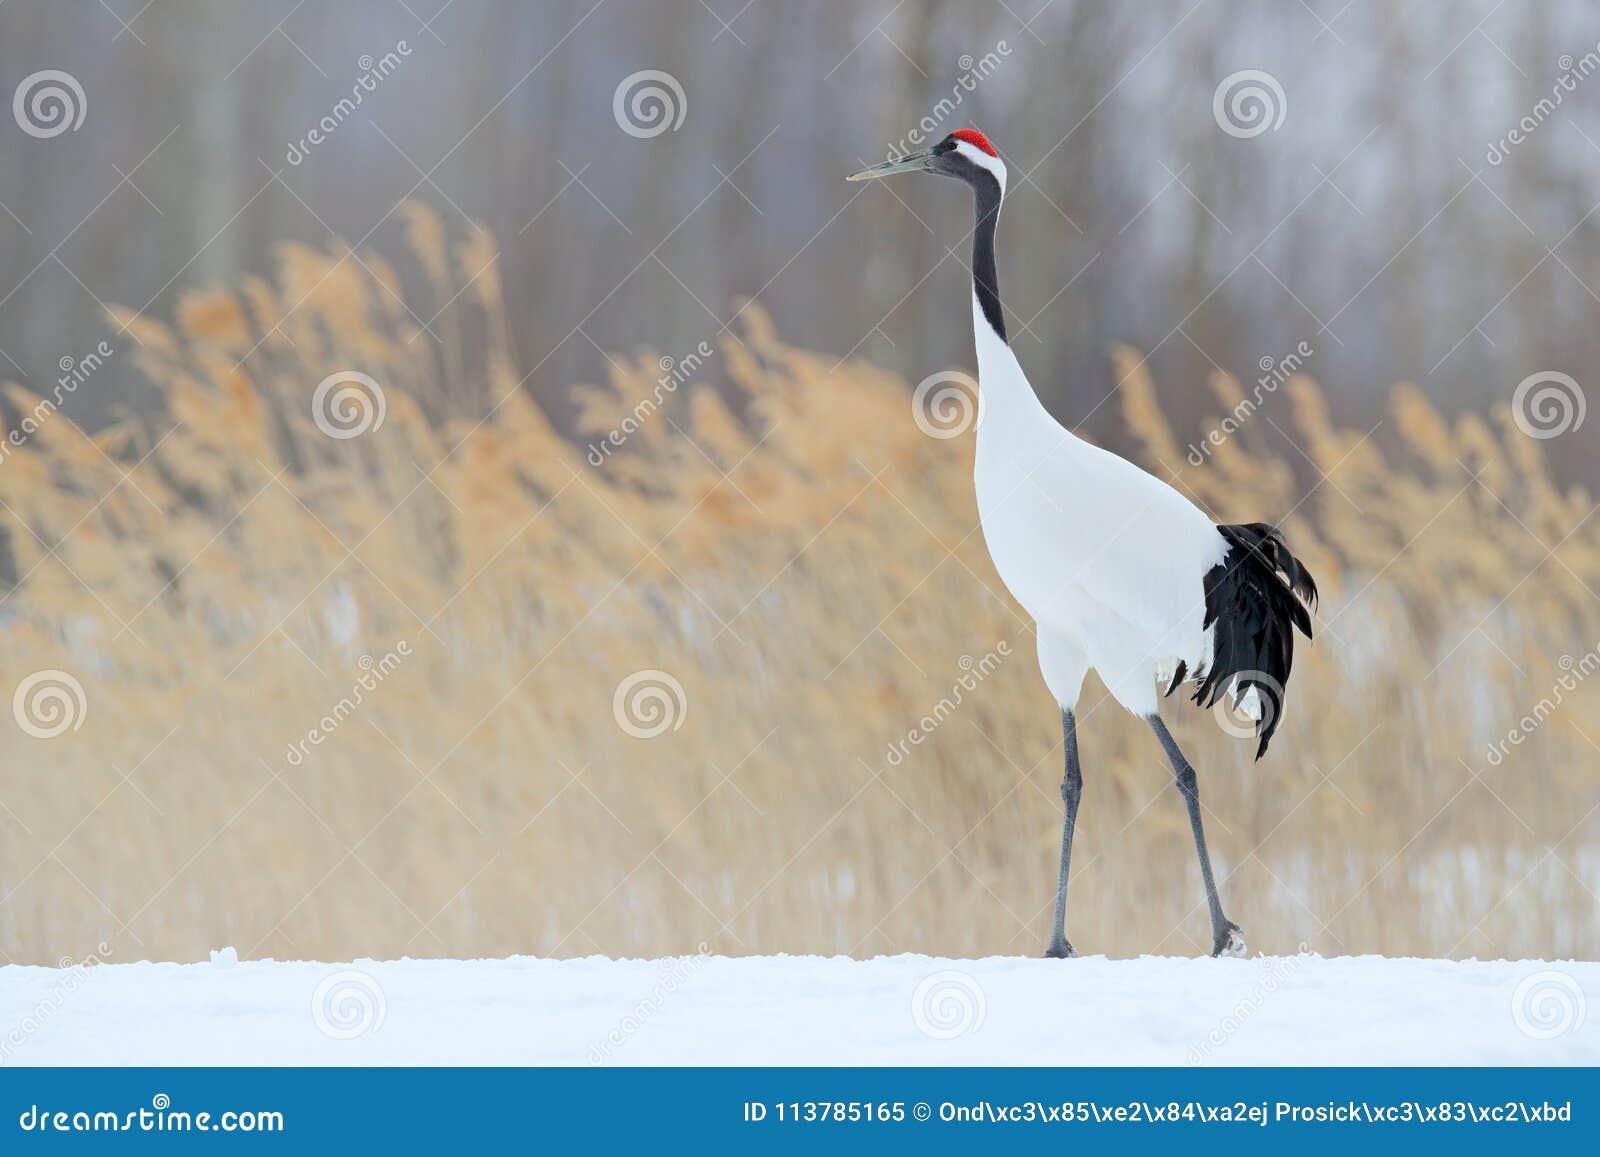 Grue Rouge-couronnée dans le pré de neige, avec la tempête de neige, le Hokkaido, Japon Oiseau marchant dans la neige Danse de gr